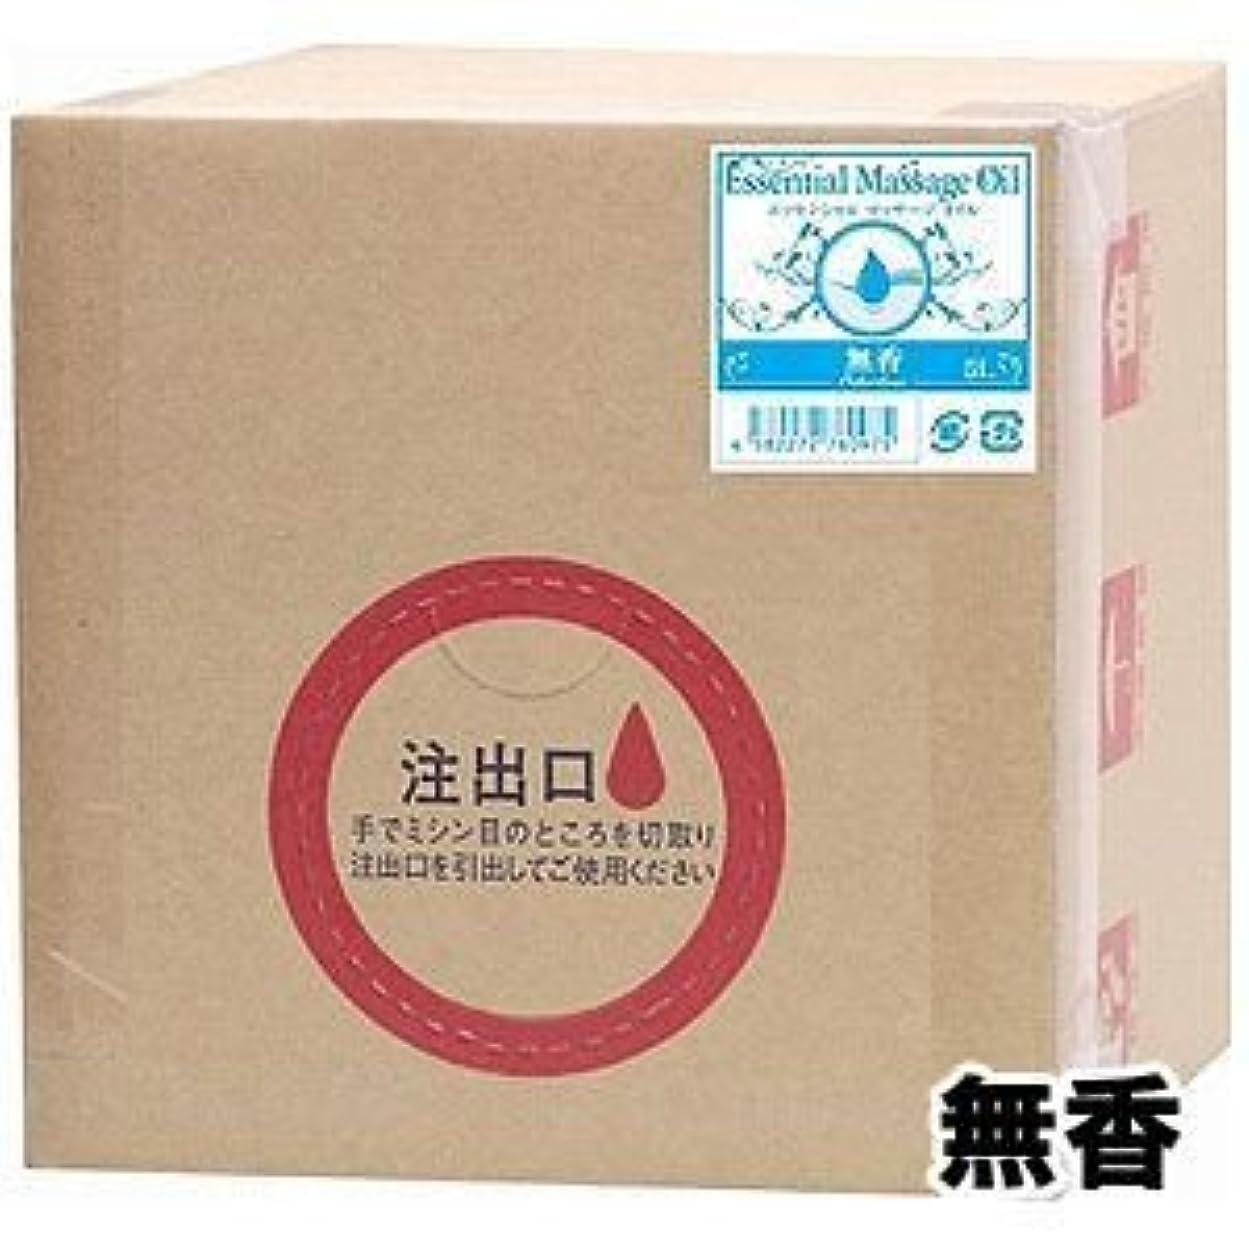 郵便物田舎乗算エッセンシャルマッサージオイル(5L) (無香[908]) - <容量は多めの5リットル!>